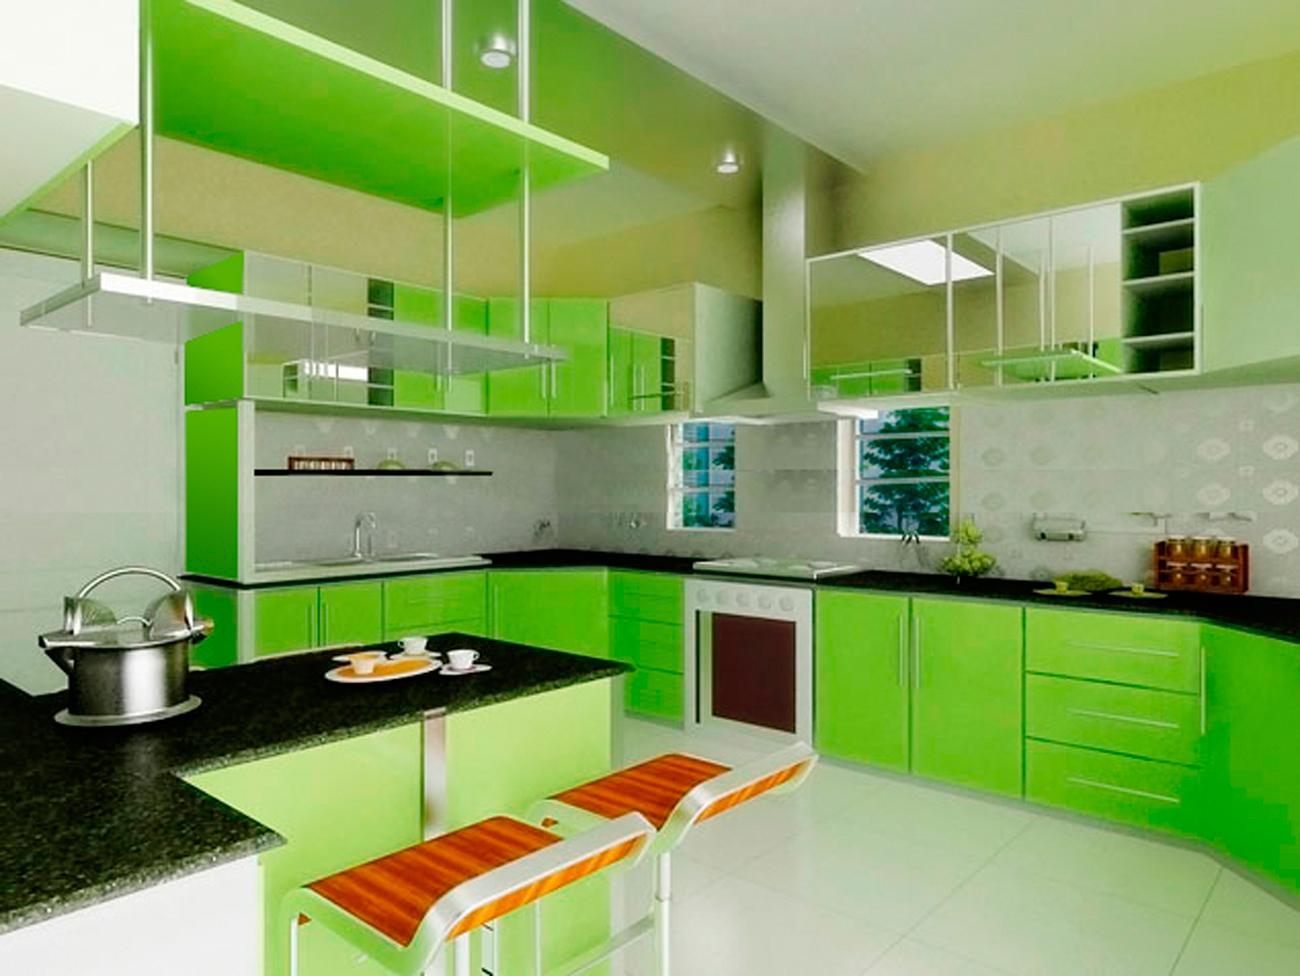 кухня в зеленых тонах дизайн фото помощью